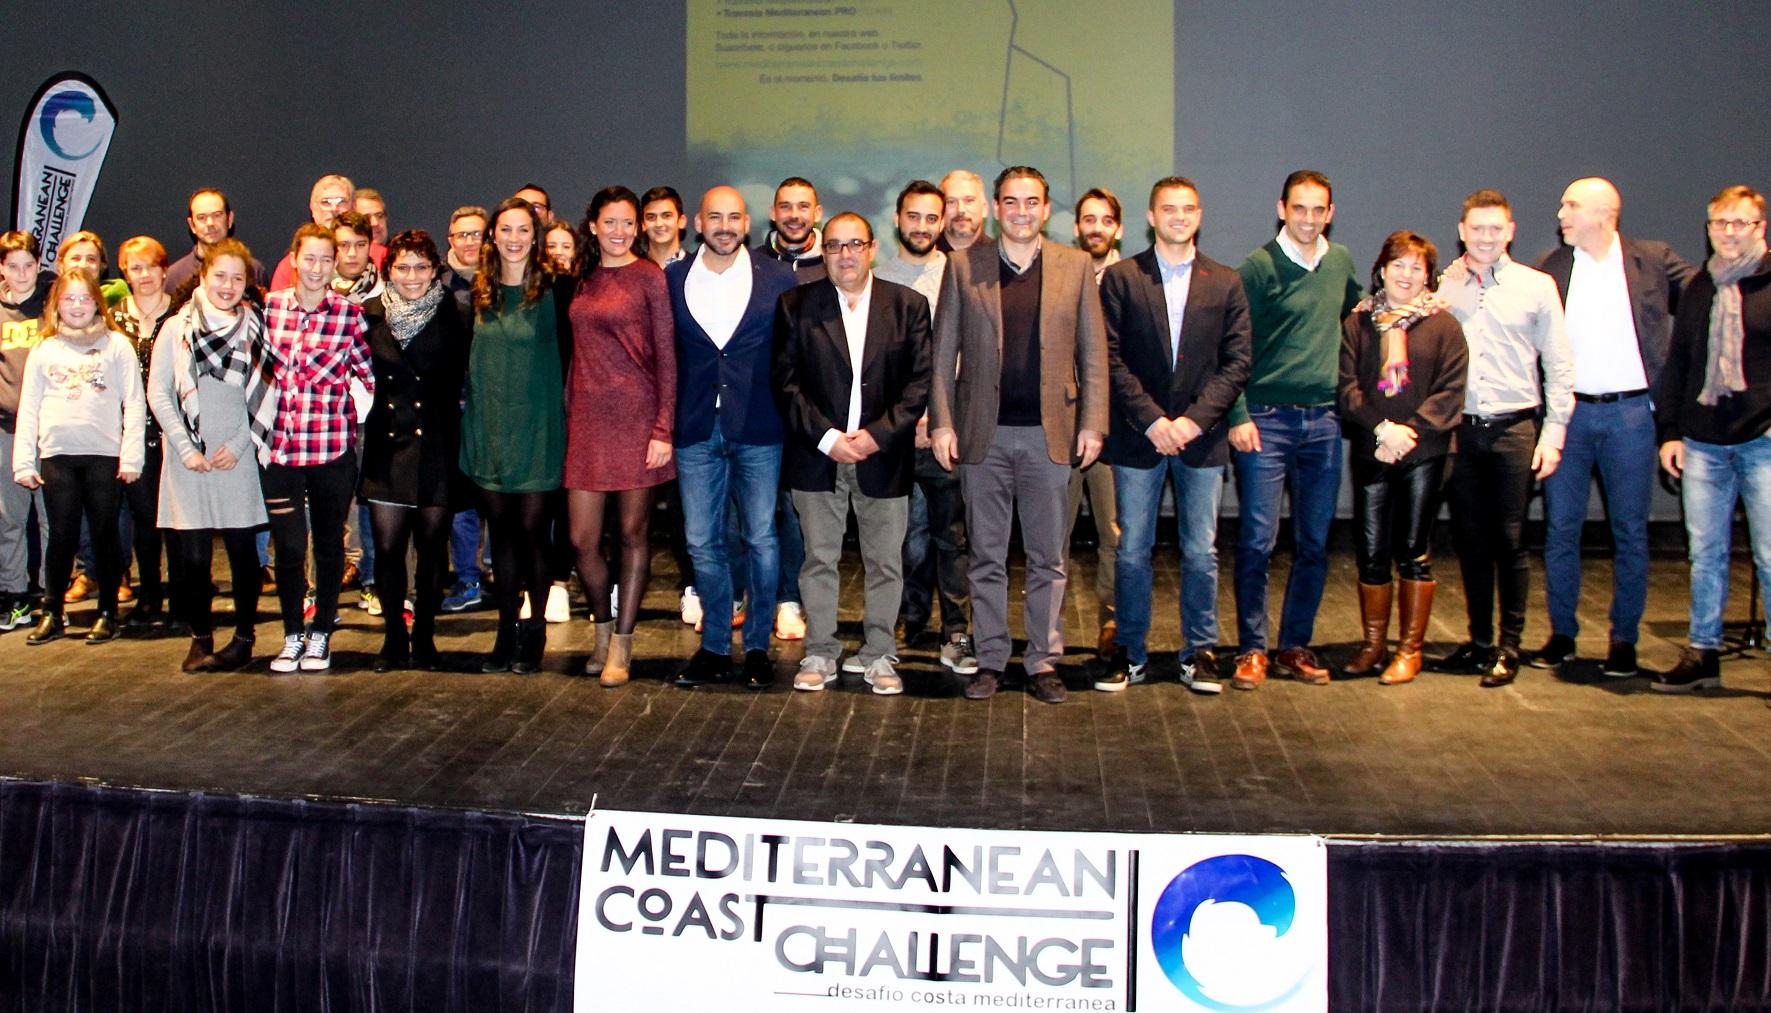 Presentada oficialmente la II Mediterranean Coast Challenge que se celebrará el 14 de mayo